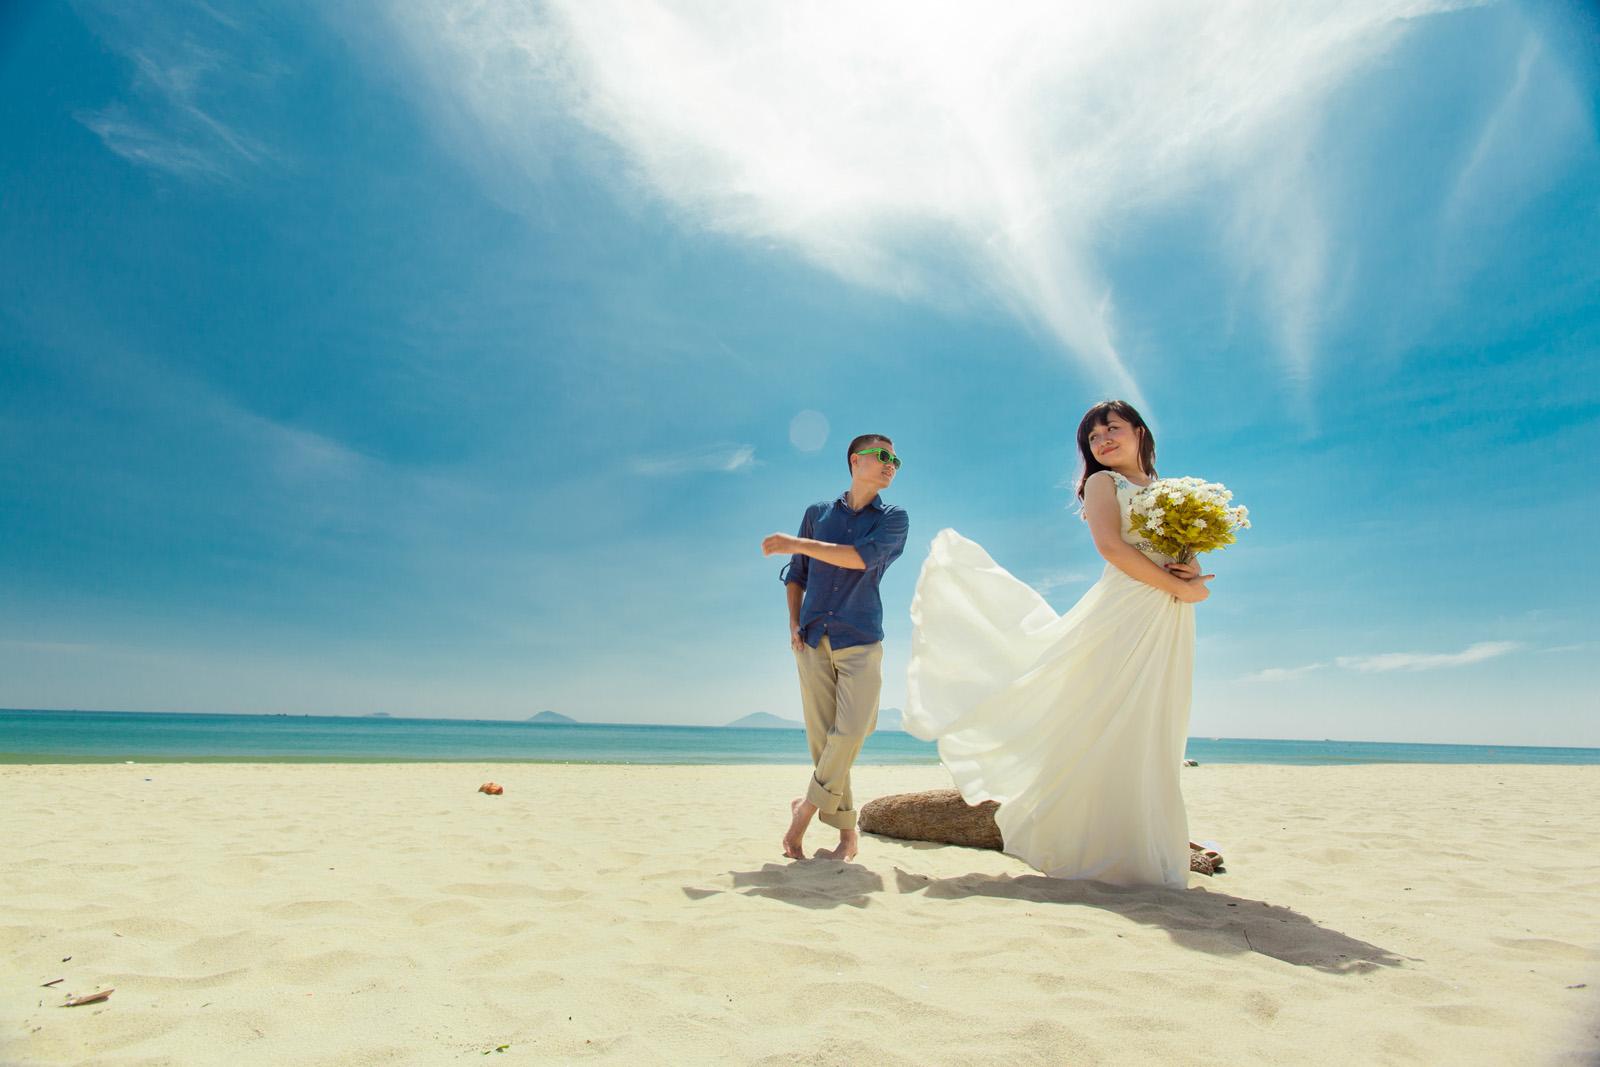 Liệt kê và đánh giá những địa điểm chụp ảnh cưới đẹp ở Đà Nẵng